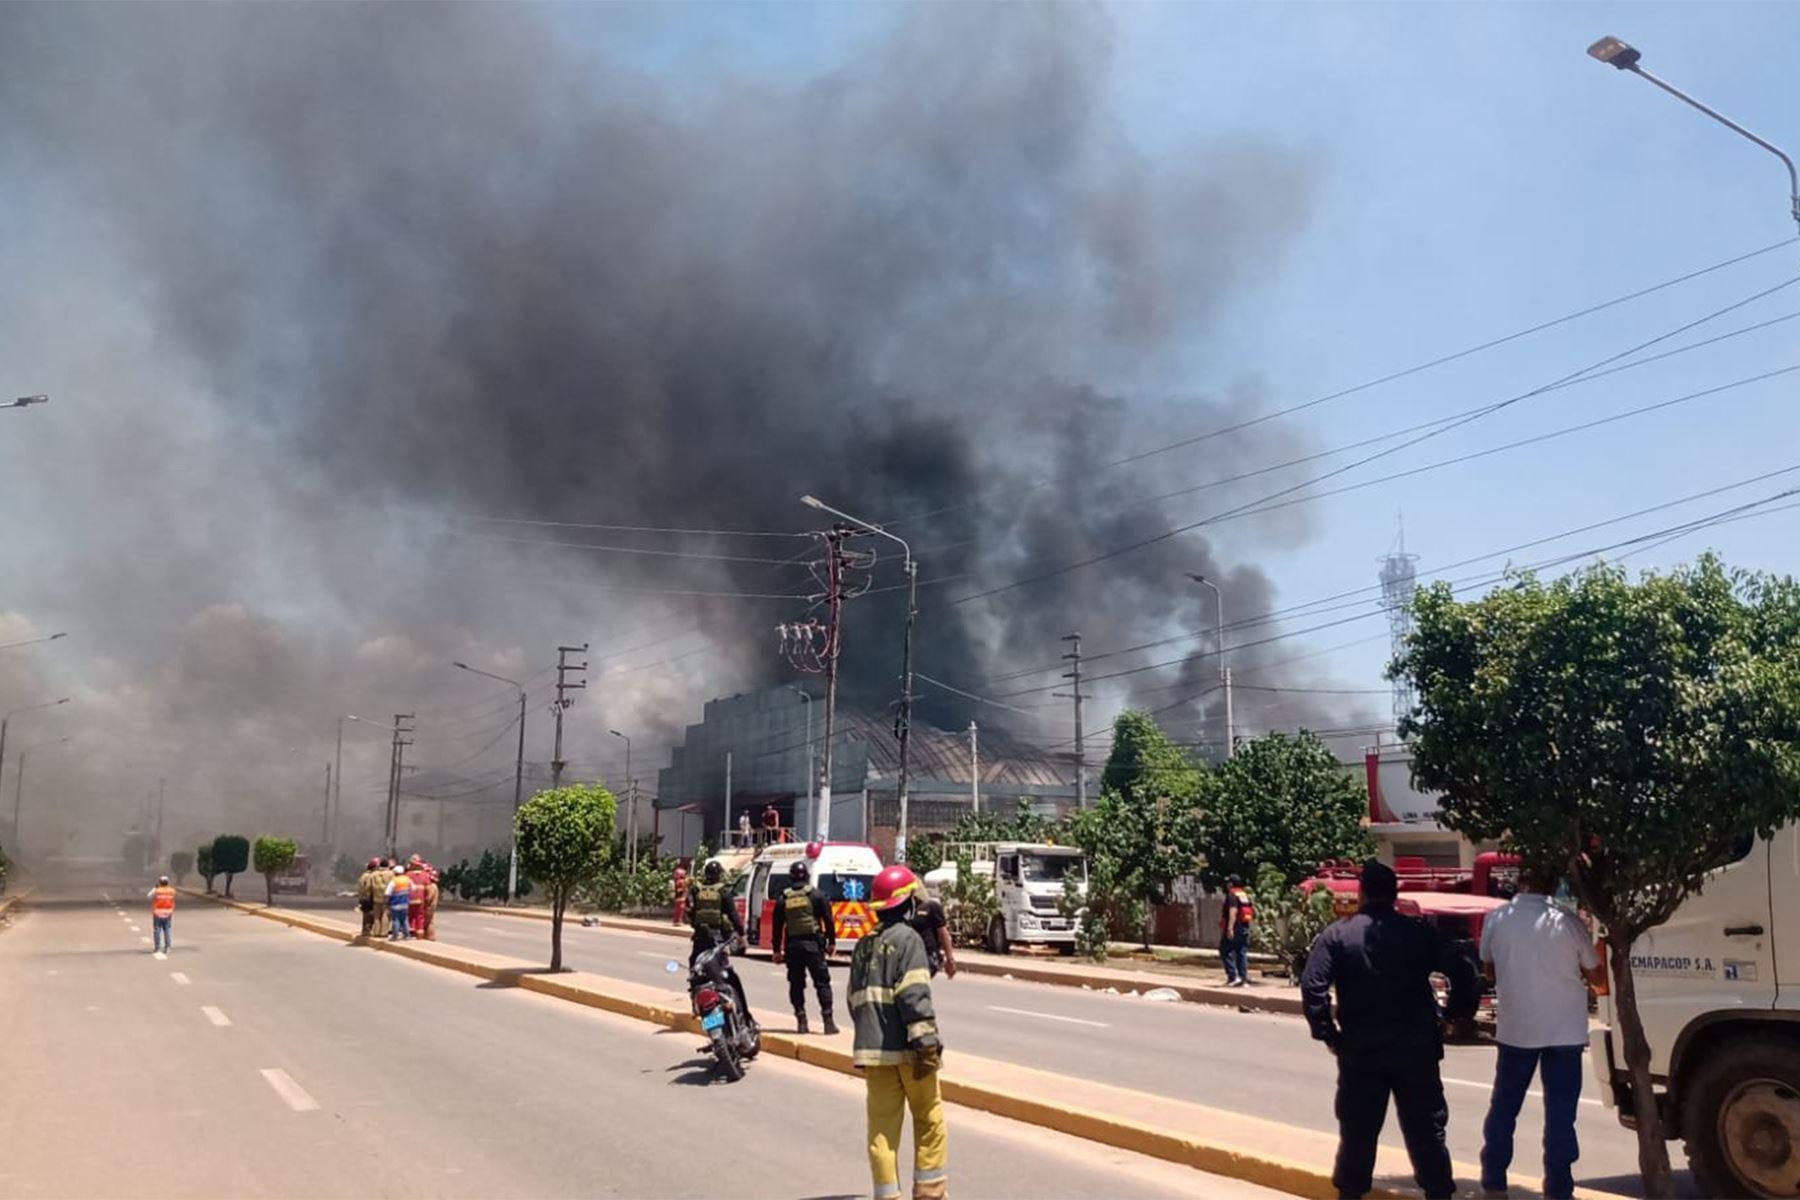 Alarma en Pucallpa por incendio en planta envasadora de gas. Foto: Indeci.